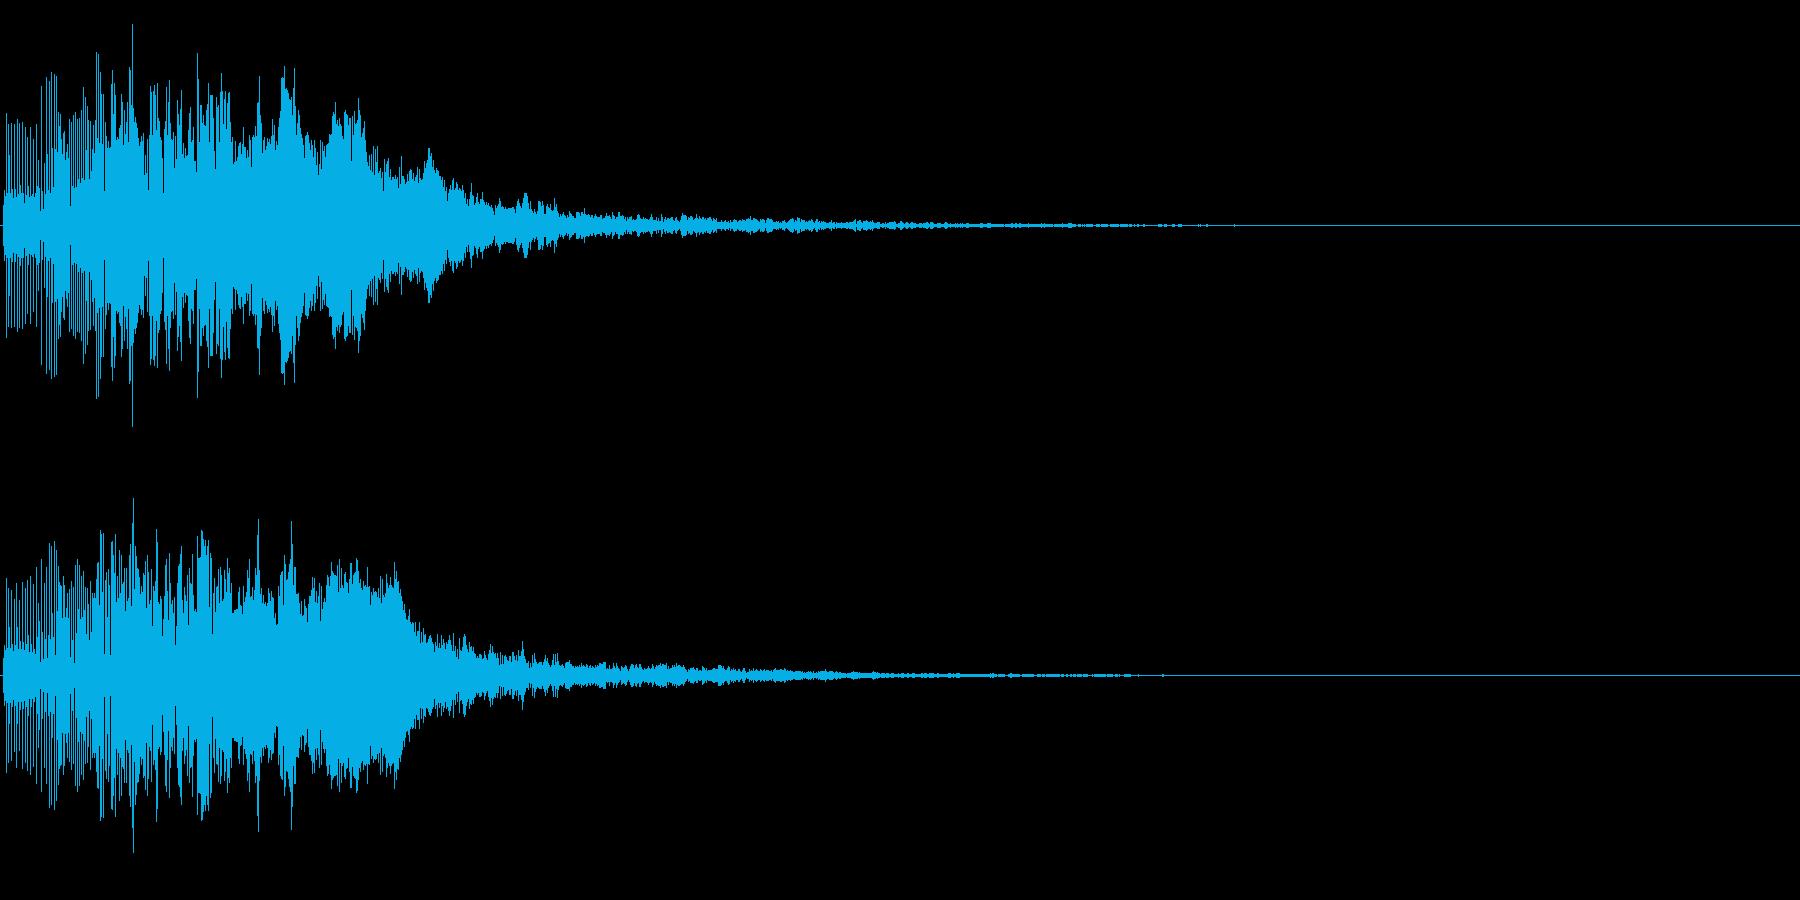 ブリャッ(スコアアップ・カウンター音)の再生済みの波形